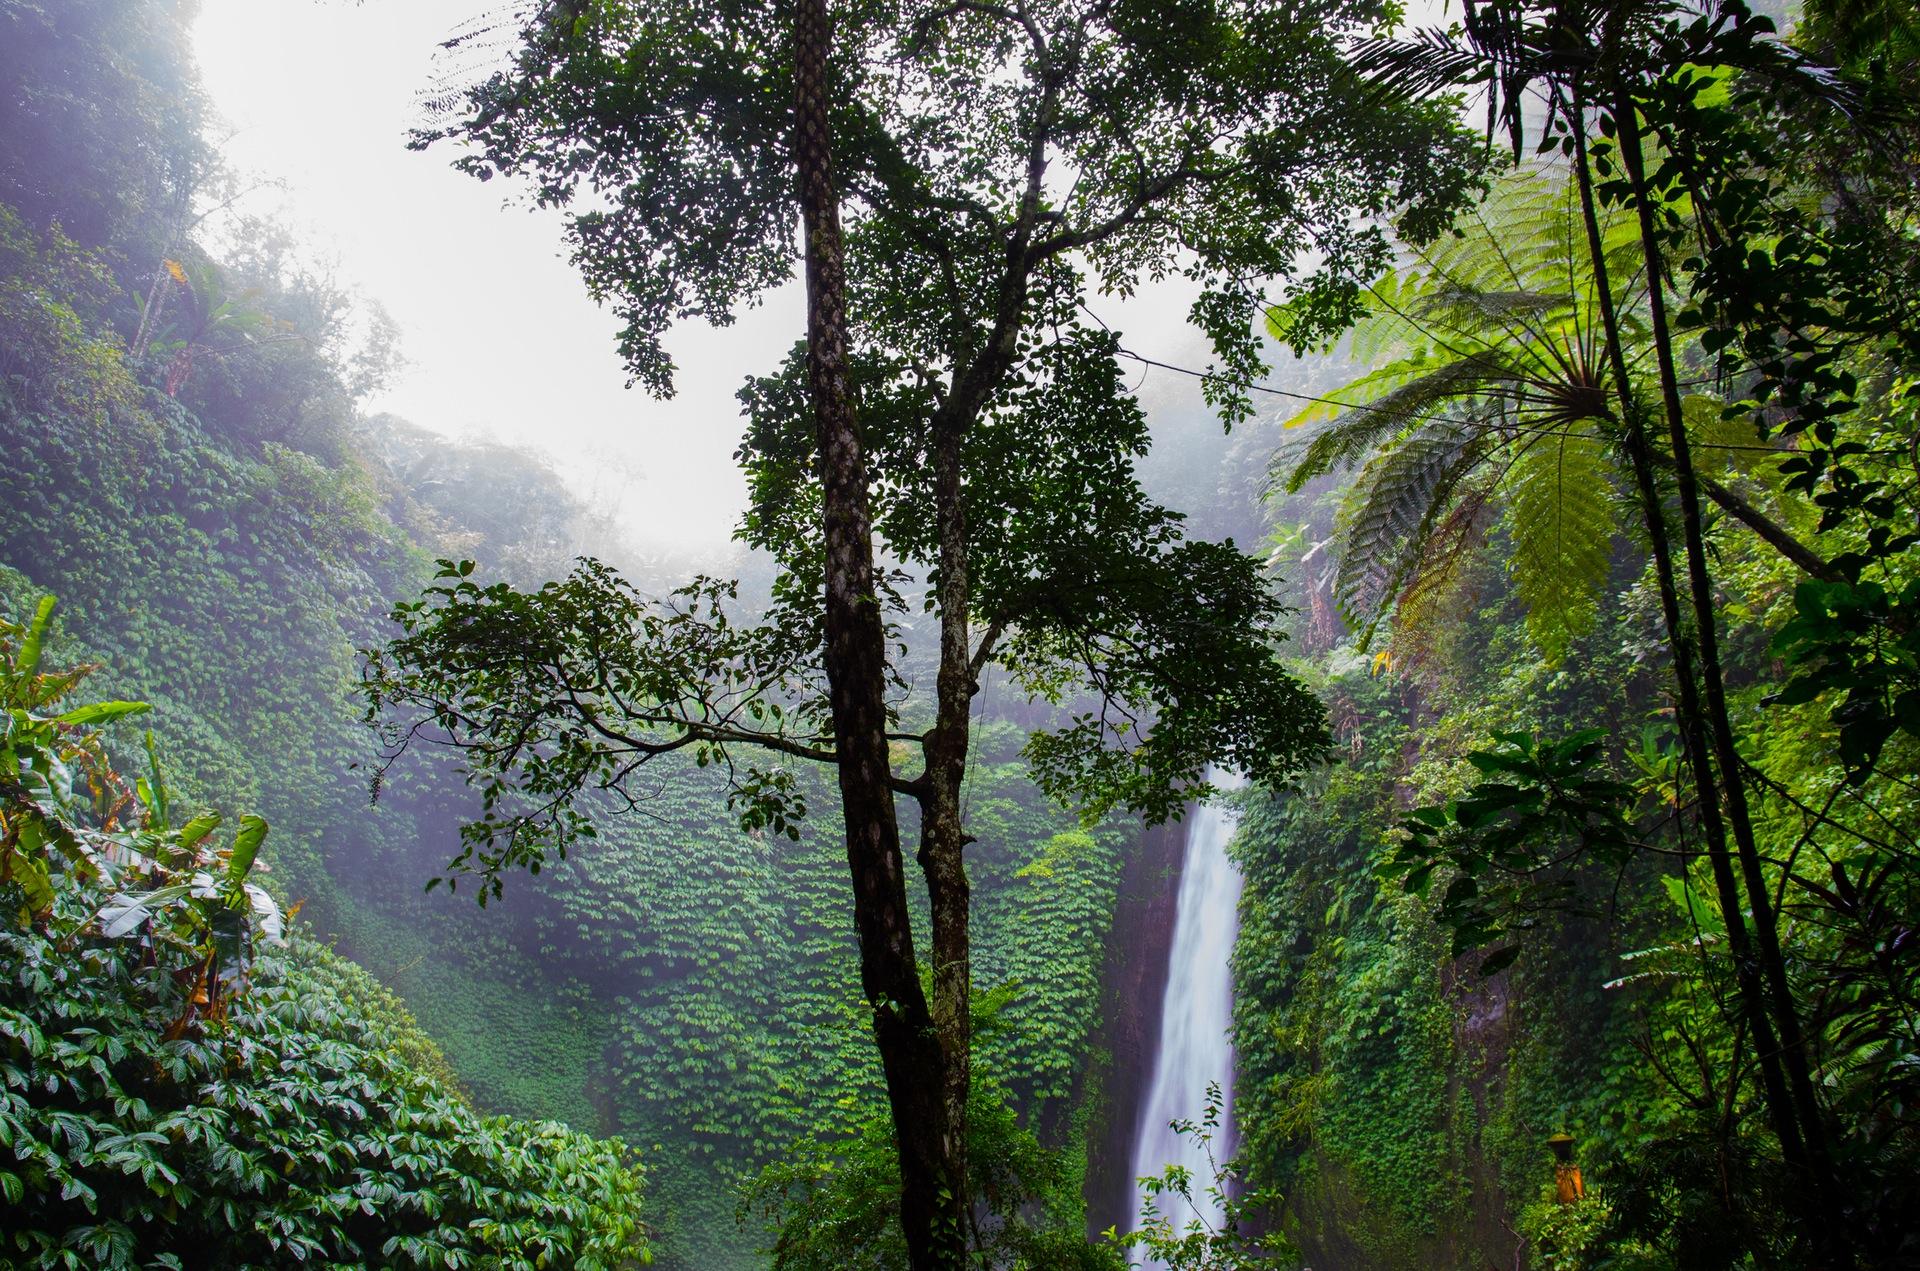 skövling av regnskog